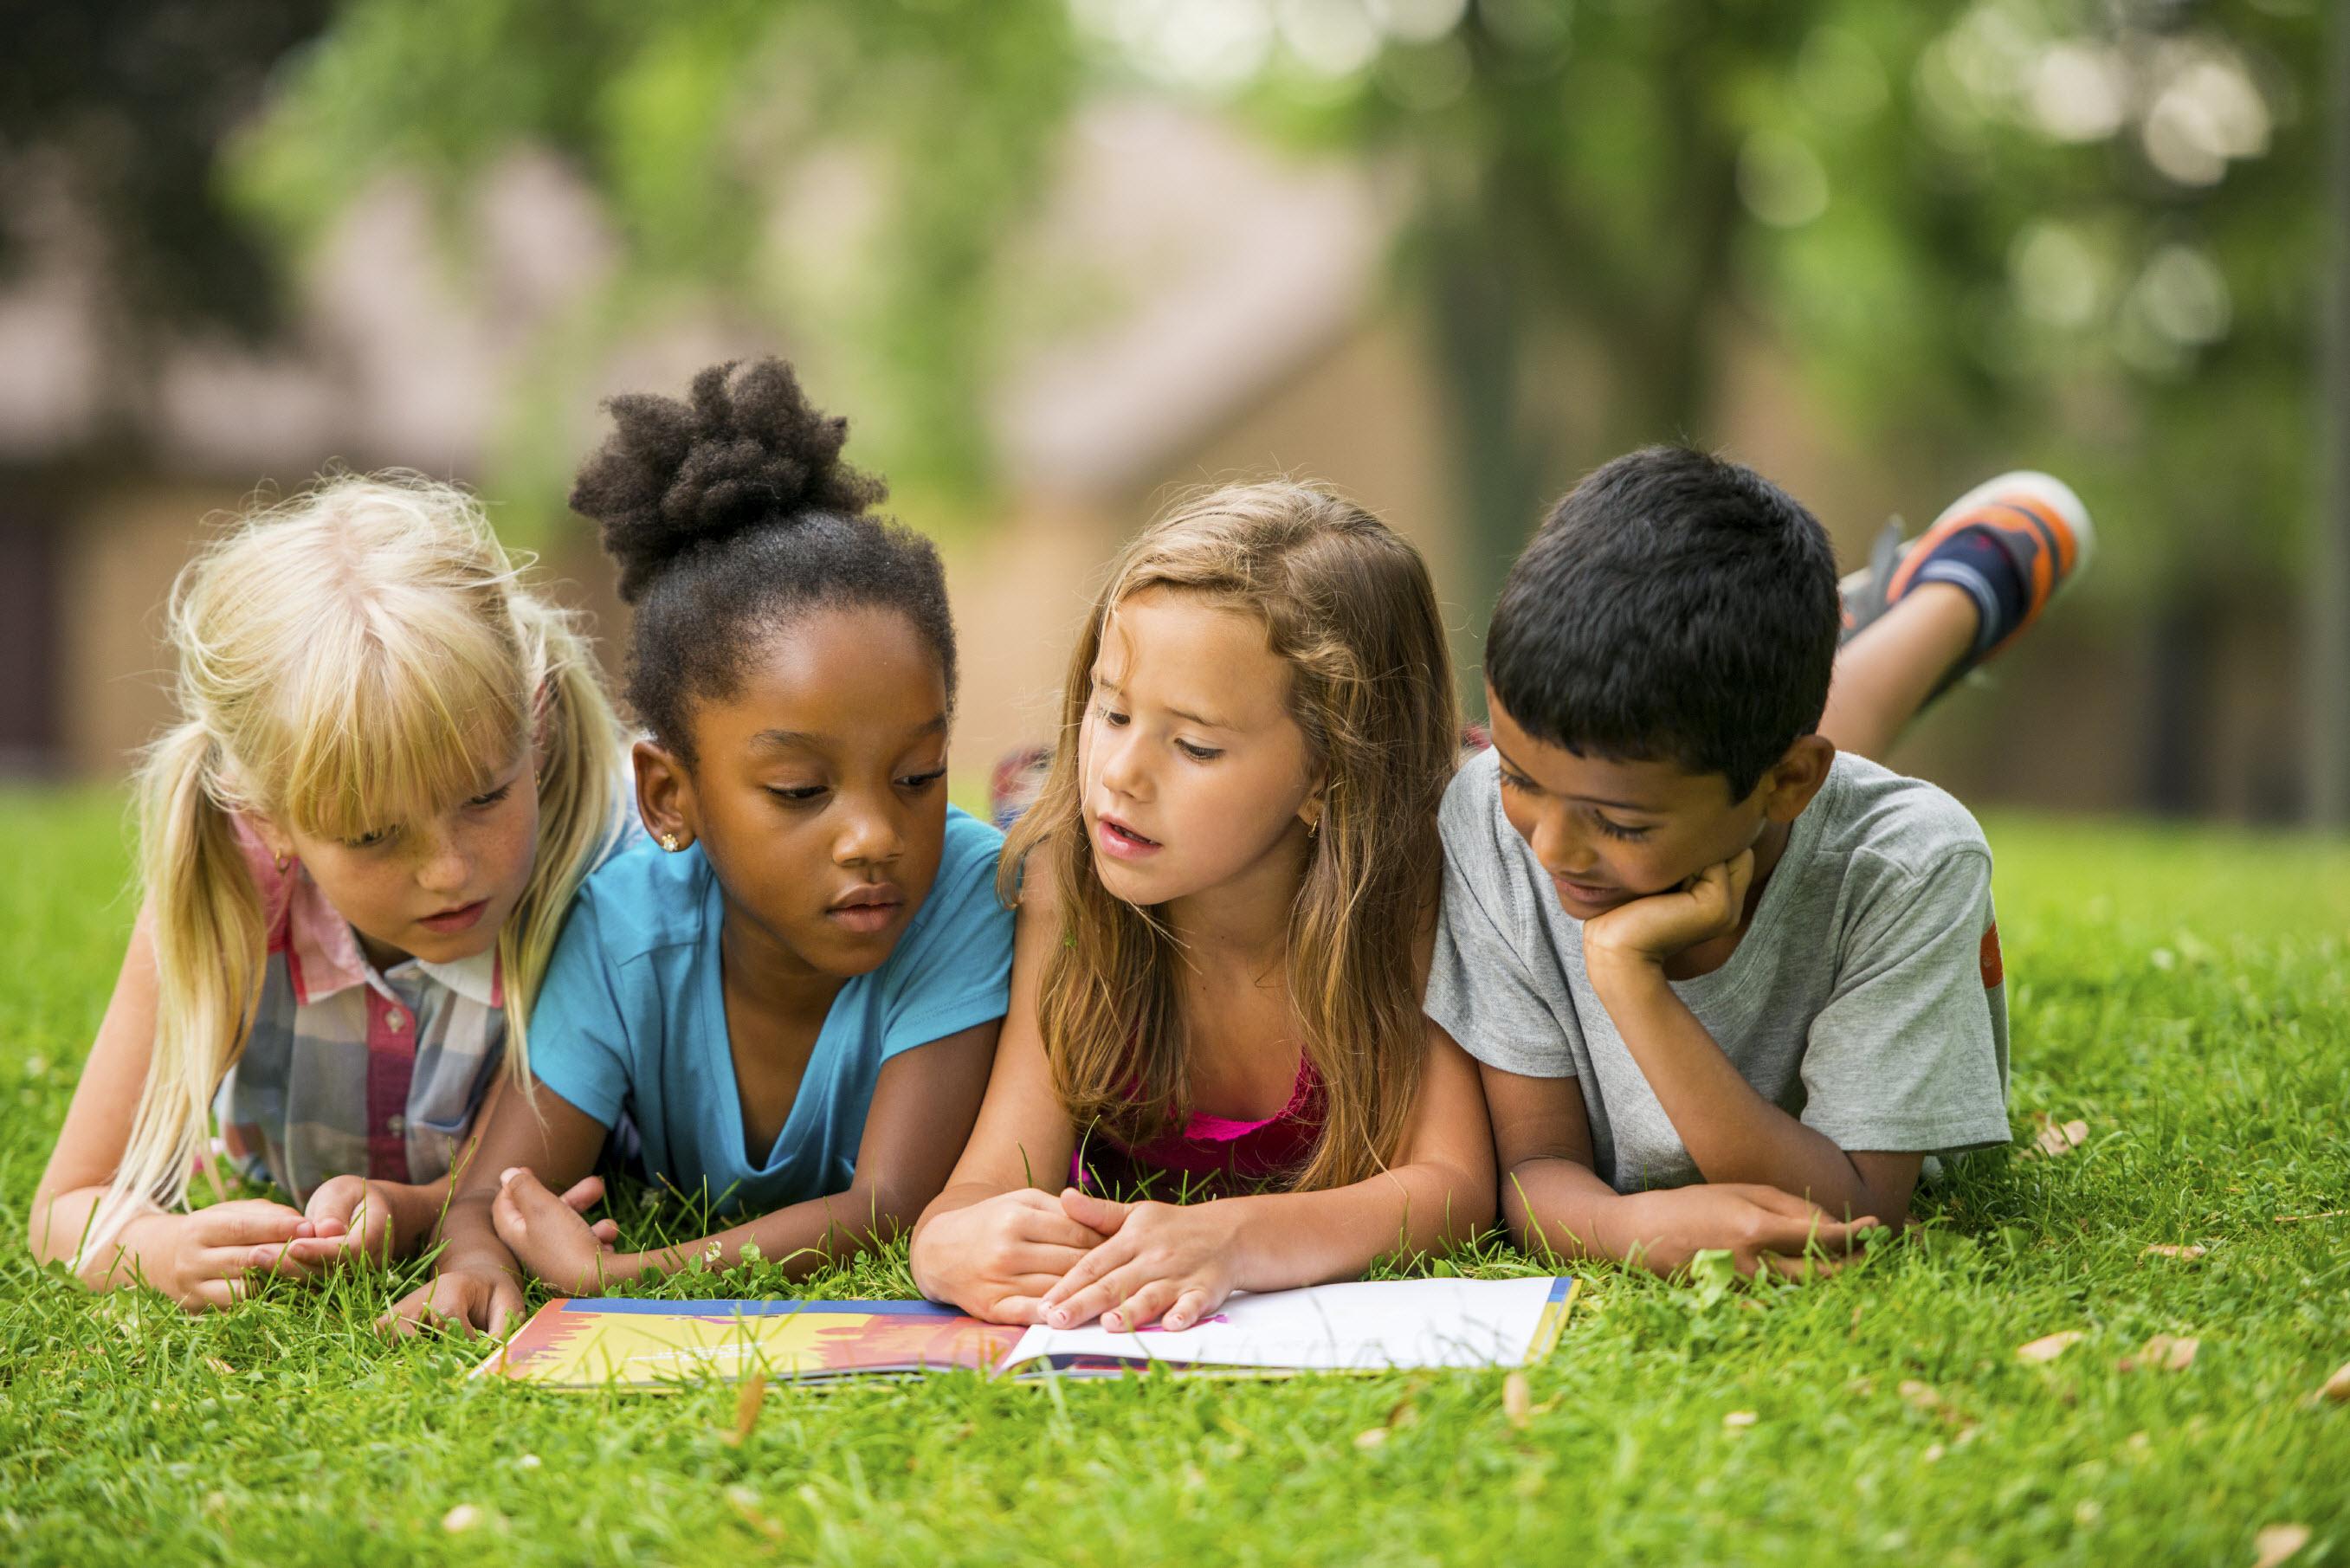 Картинка с людьми детские